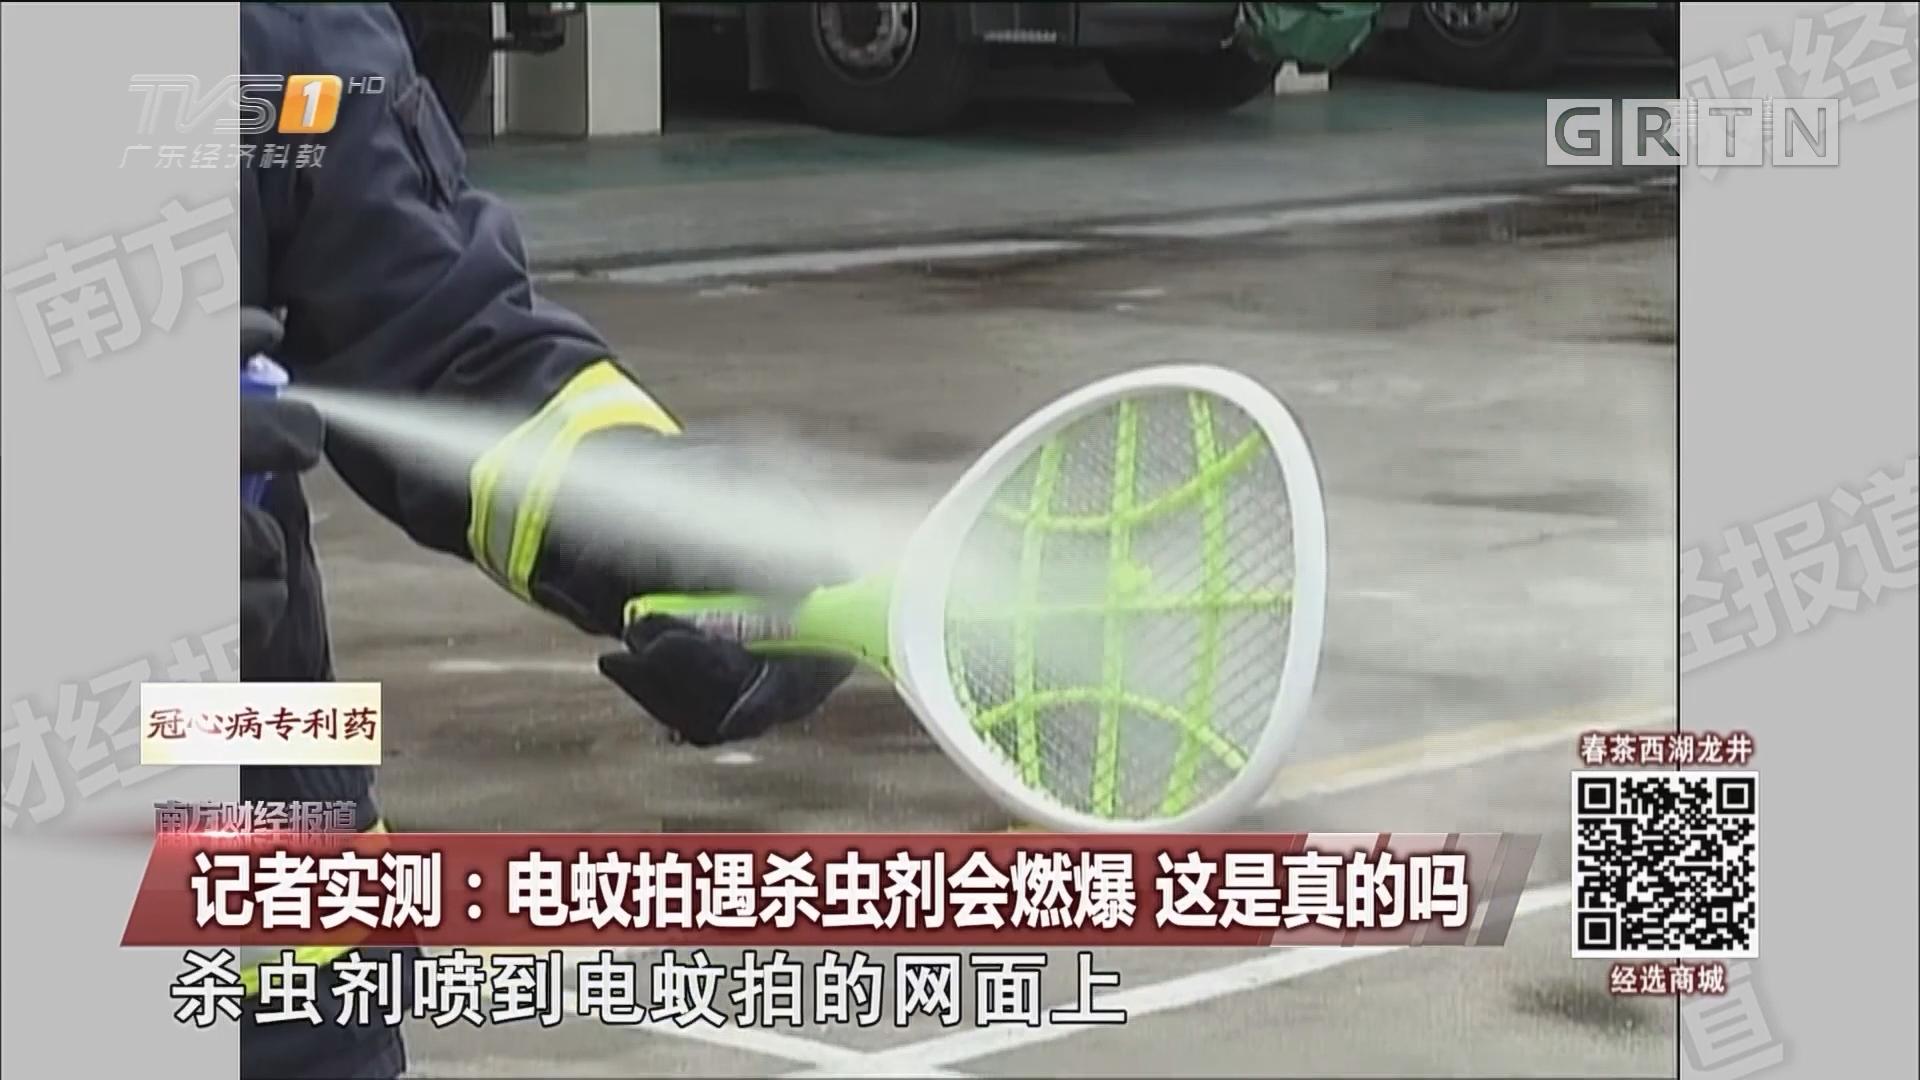 记者实测:电蚊拍遇杀虫剂会燃爆 这是真的吗